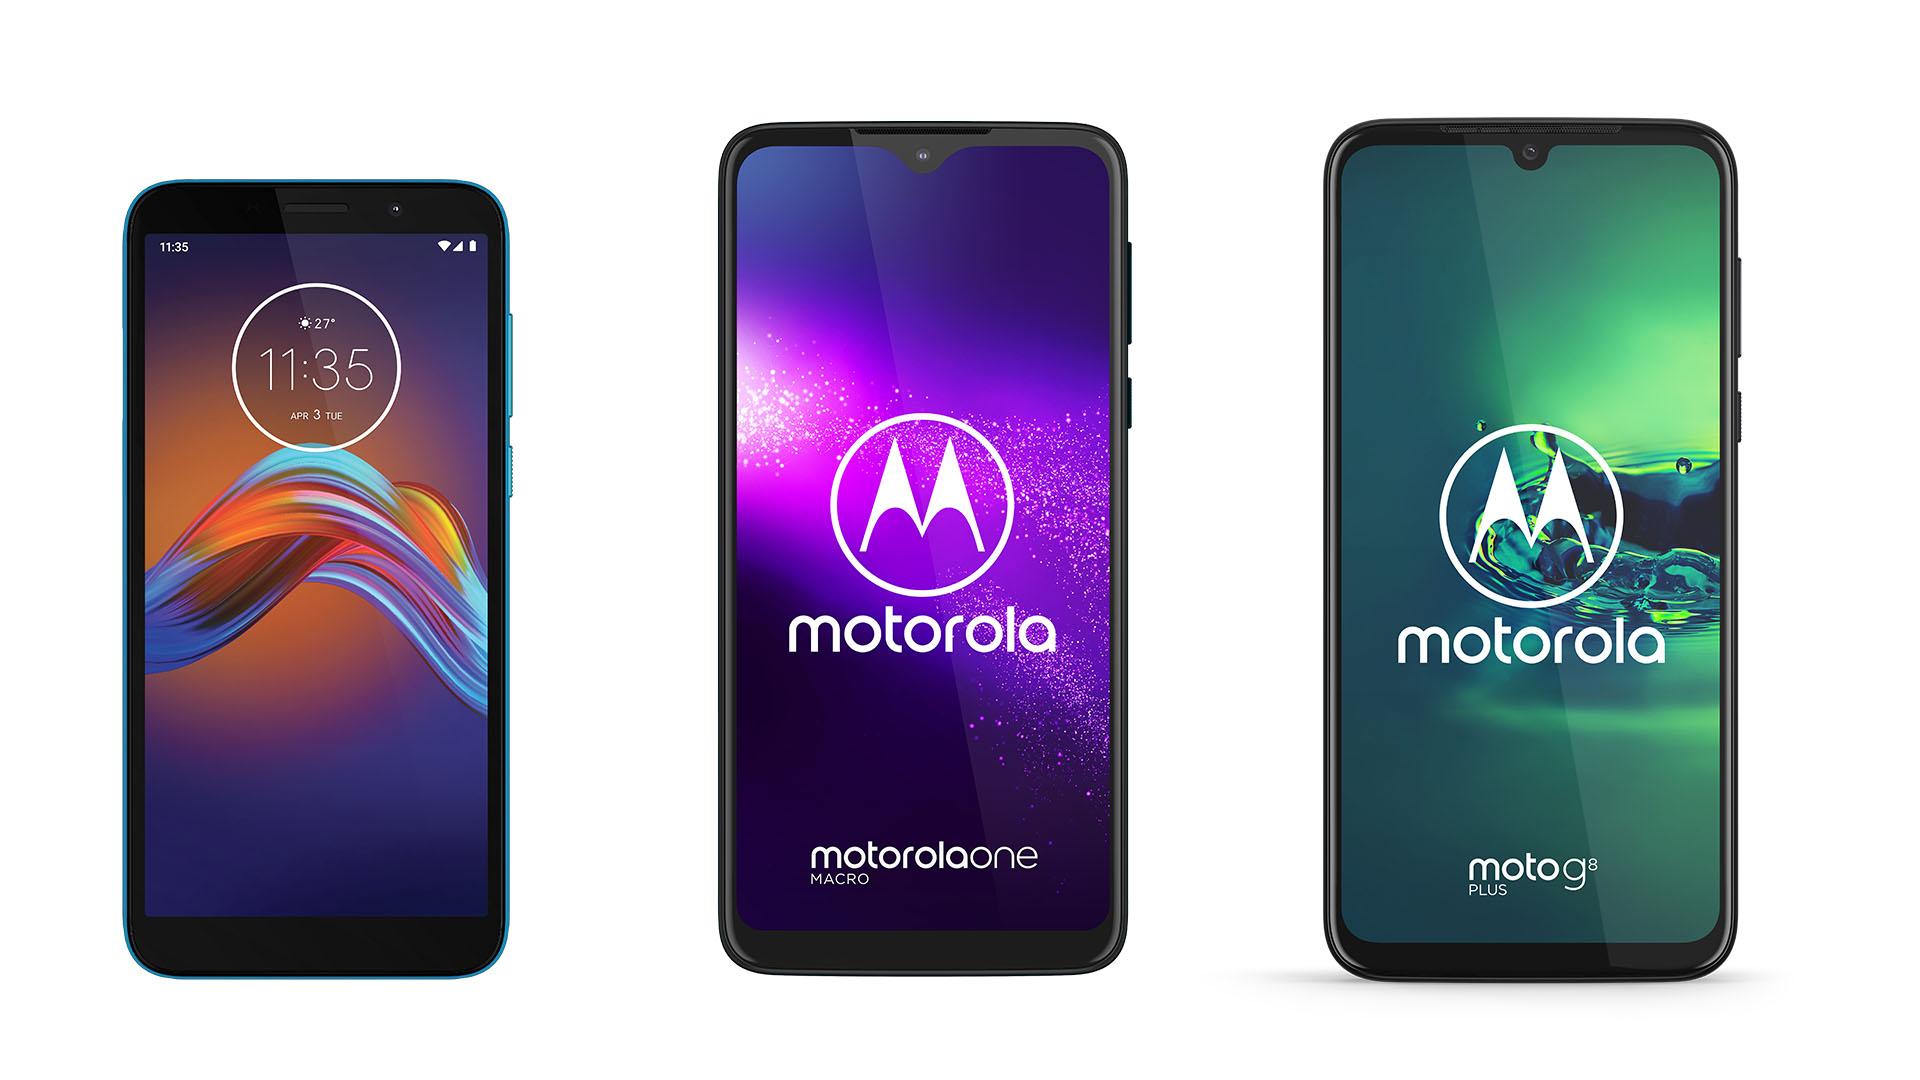 Motorola One Macro, Moto G8 Plus et Moto e6 Play officialisés : prix, caractéristiques et disponibilité